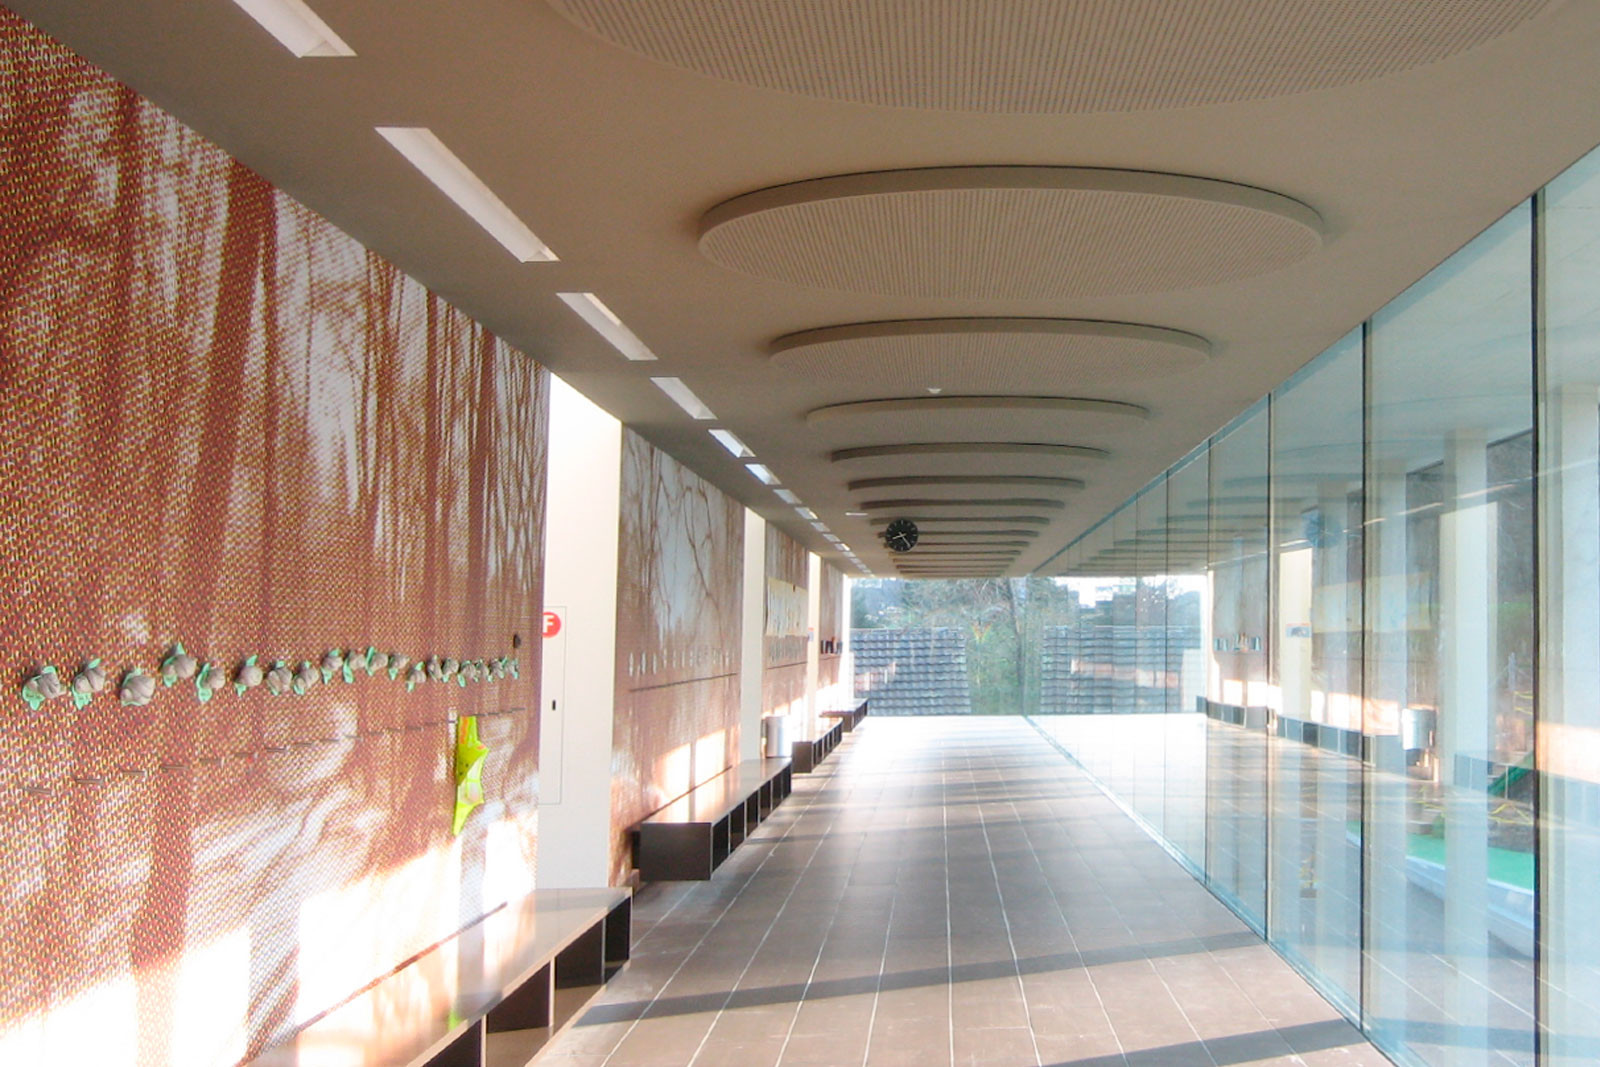 Niederscherli school building, Graber Pulver Architekten, Bern